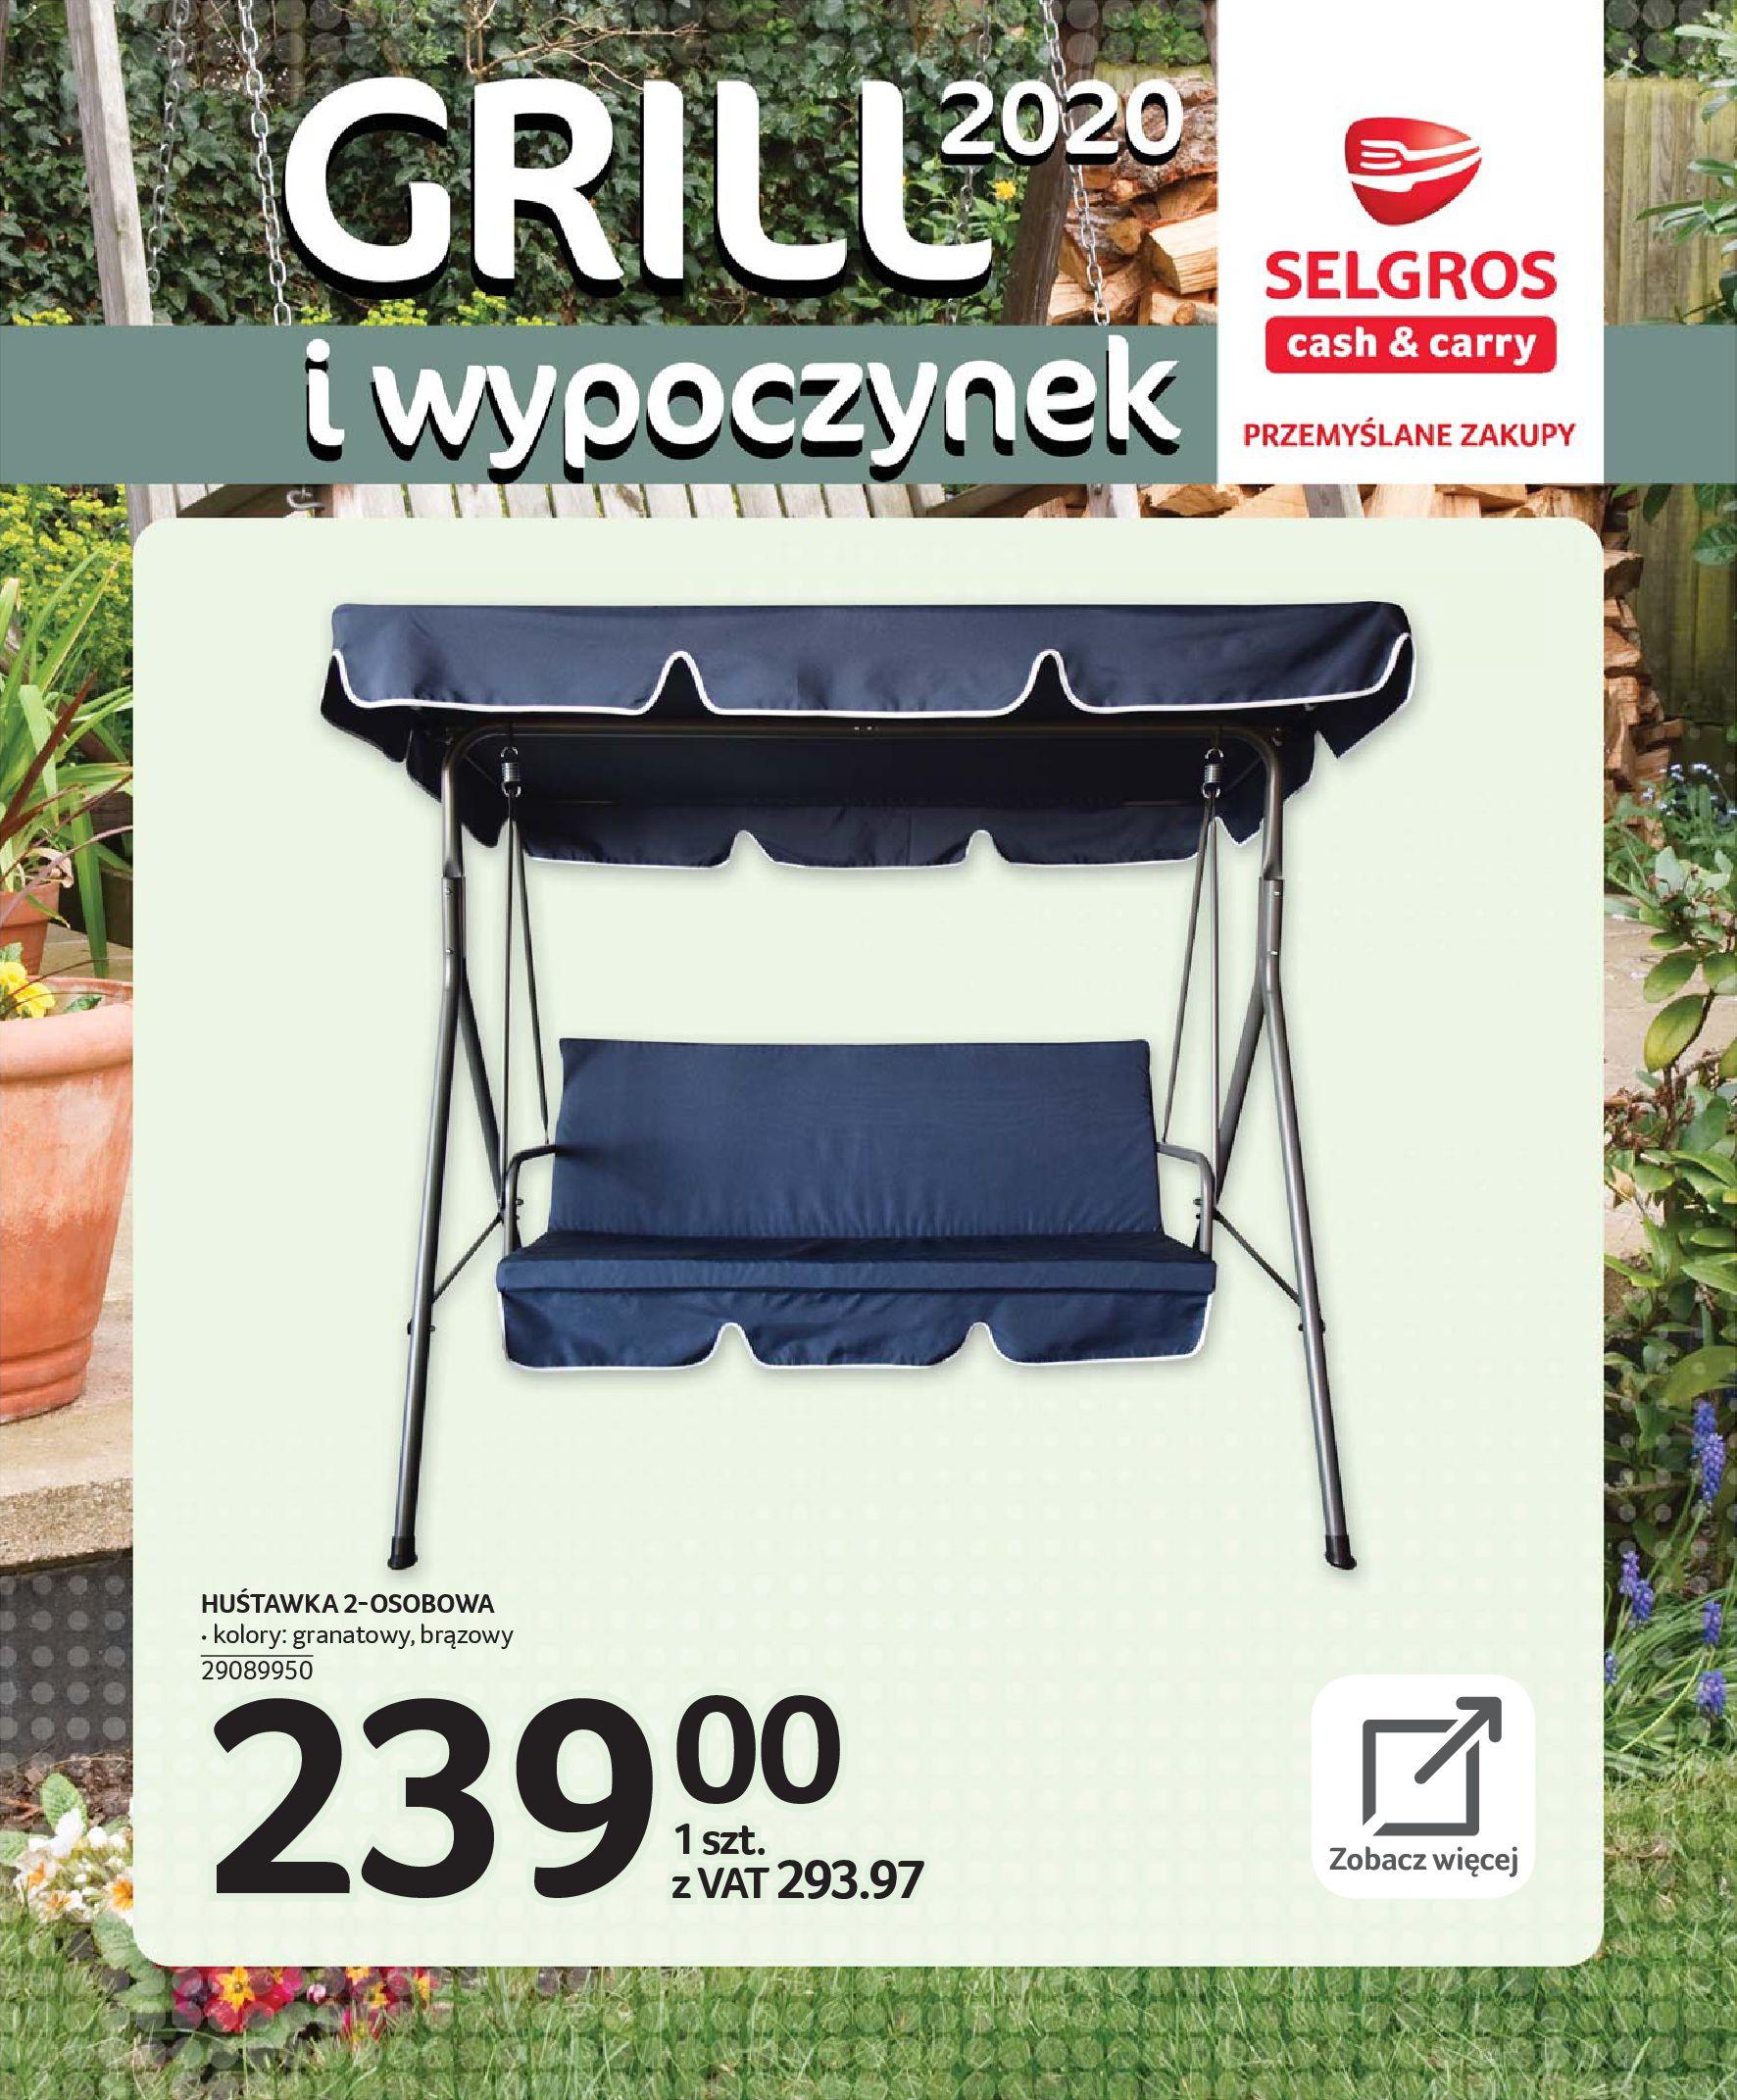 Gazetka Selgros - Katalog - Grill i wypoczynek-31.03.2020-31.08.2020-page-78